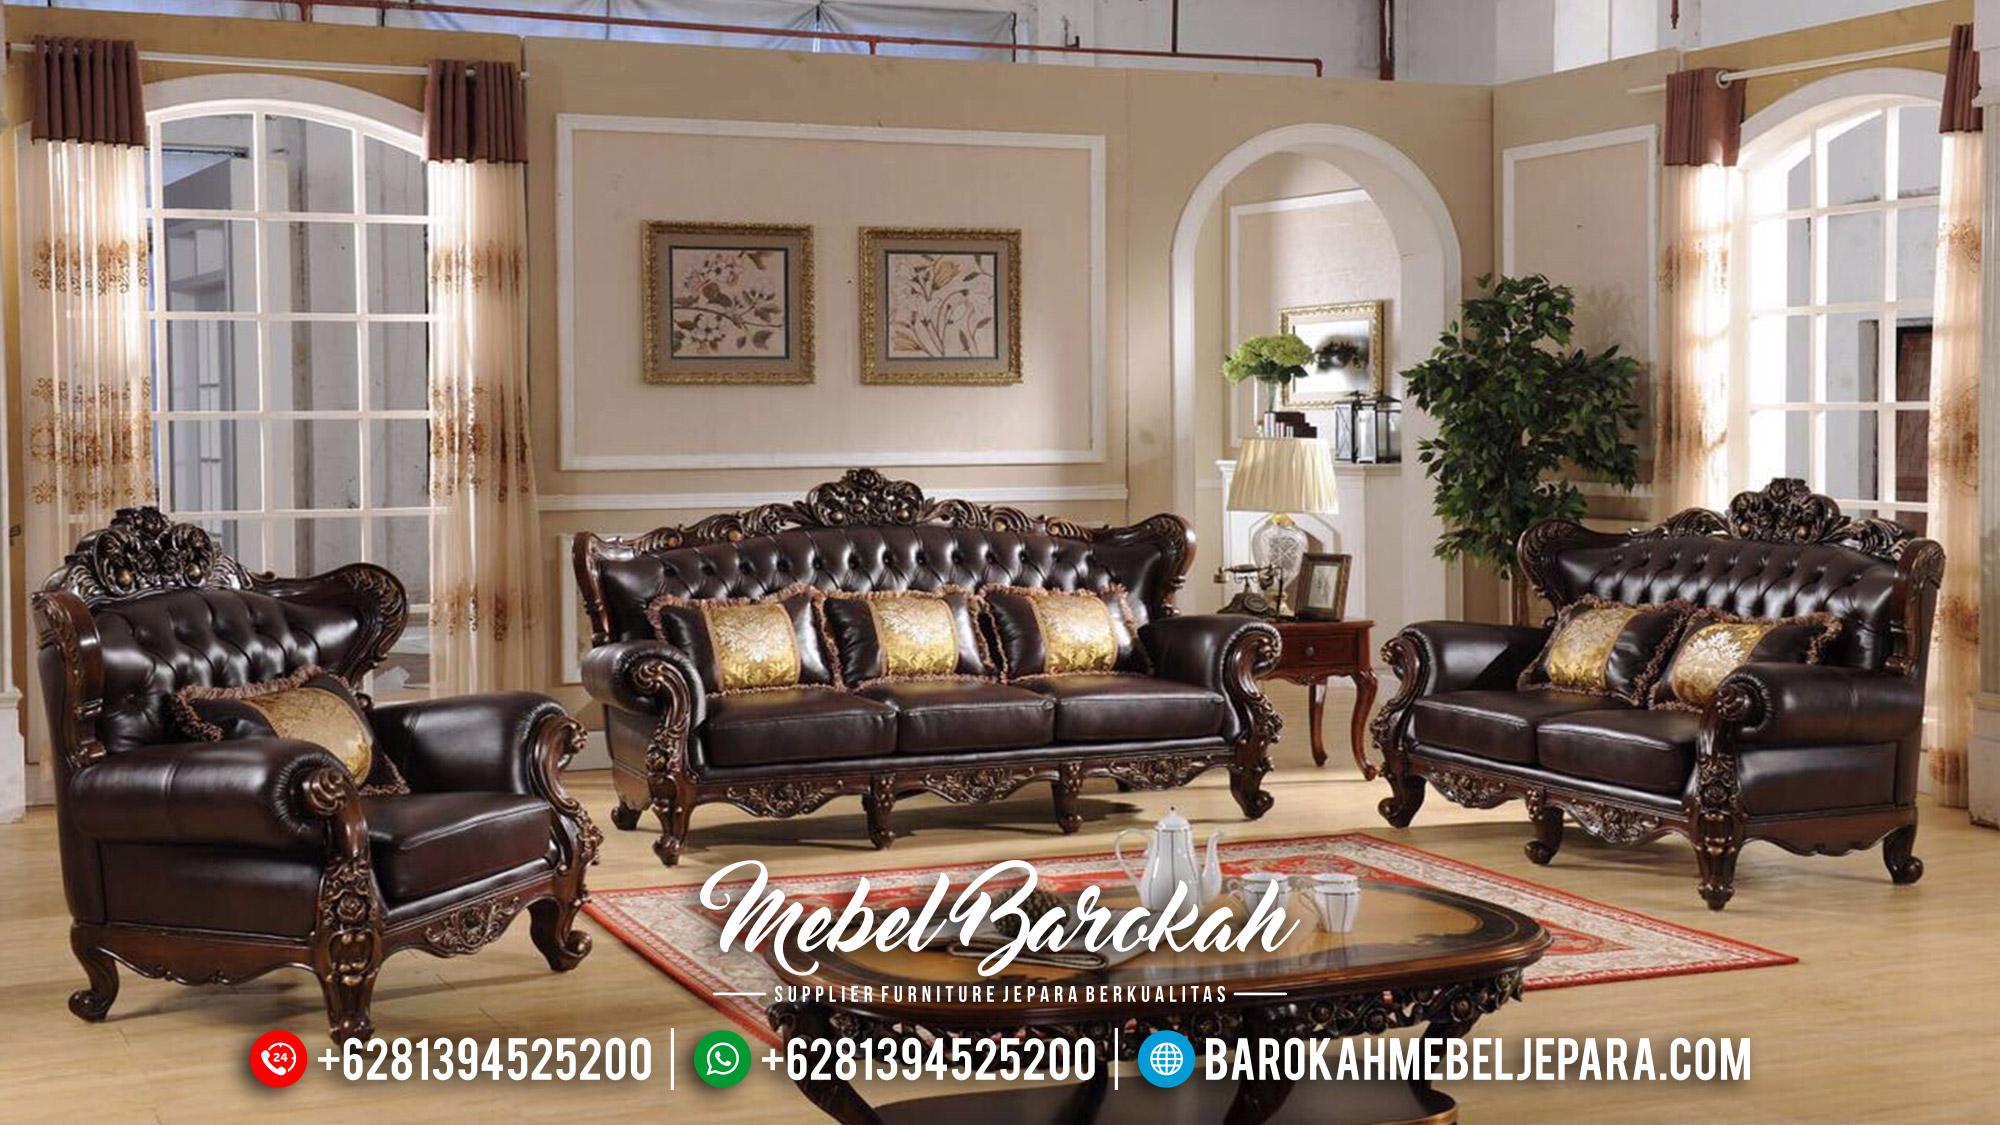 Sofa Tamu Mewah Ukiran Classic Duco Color Furniture Jepara MB-0508